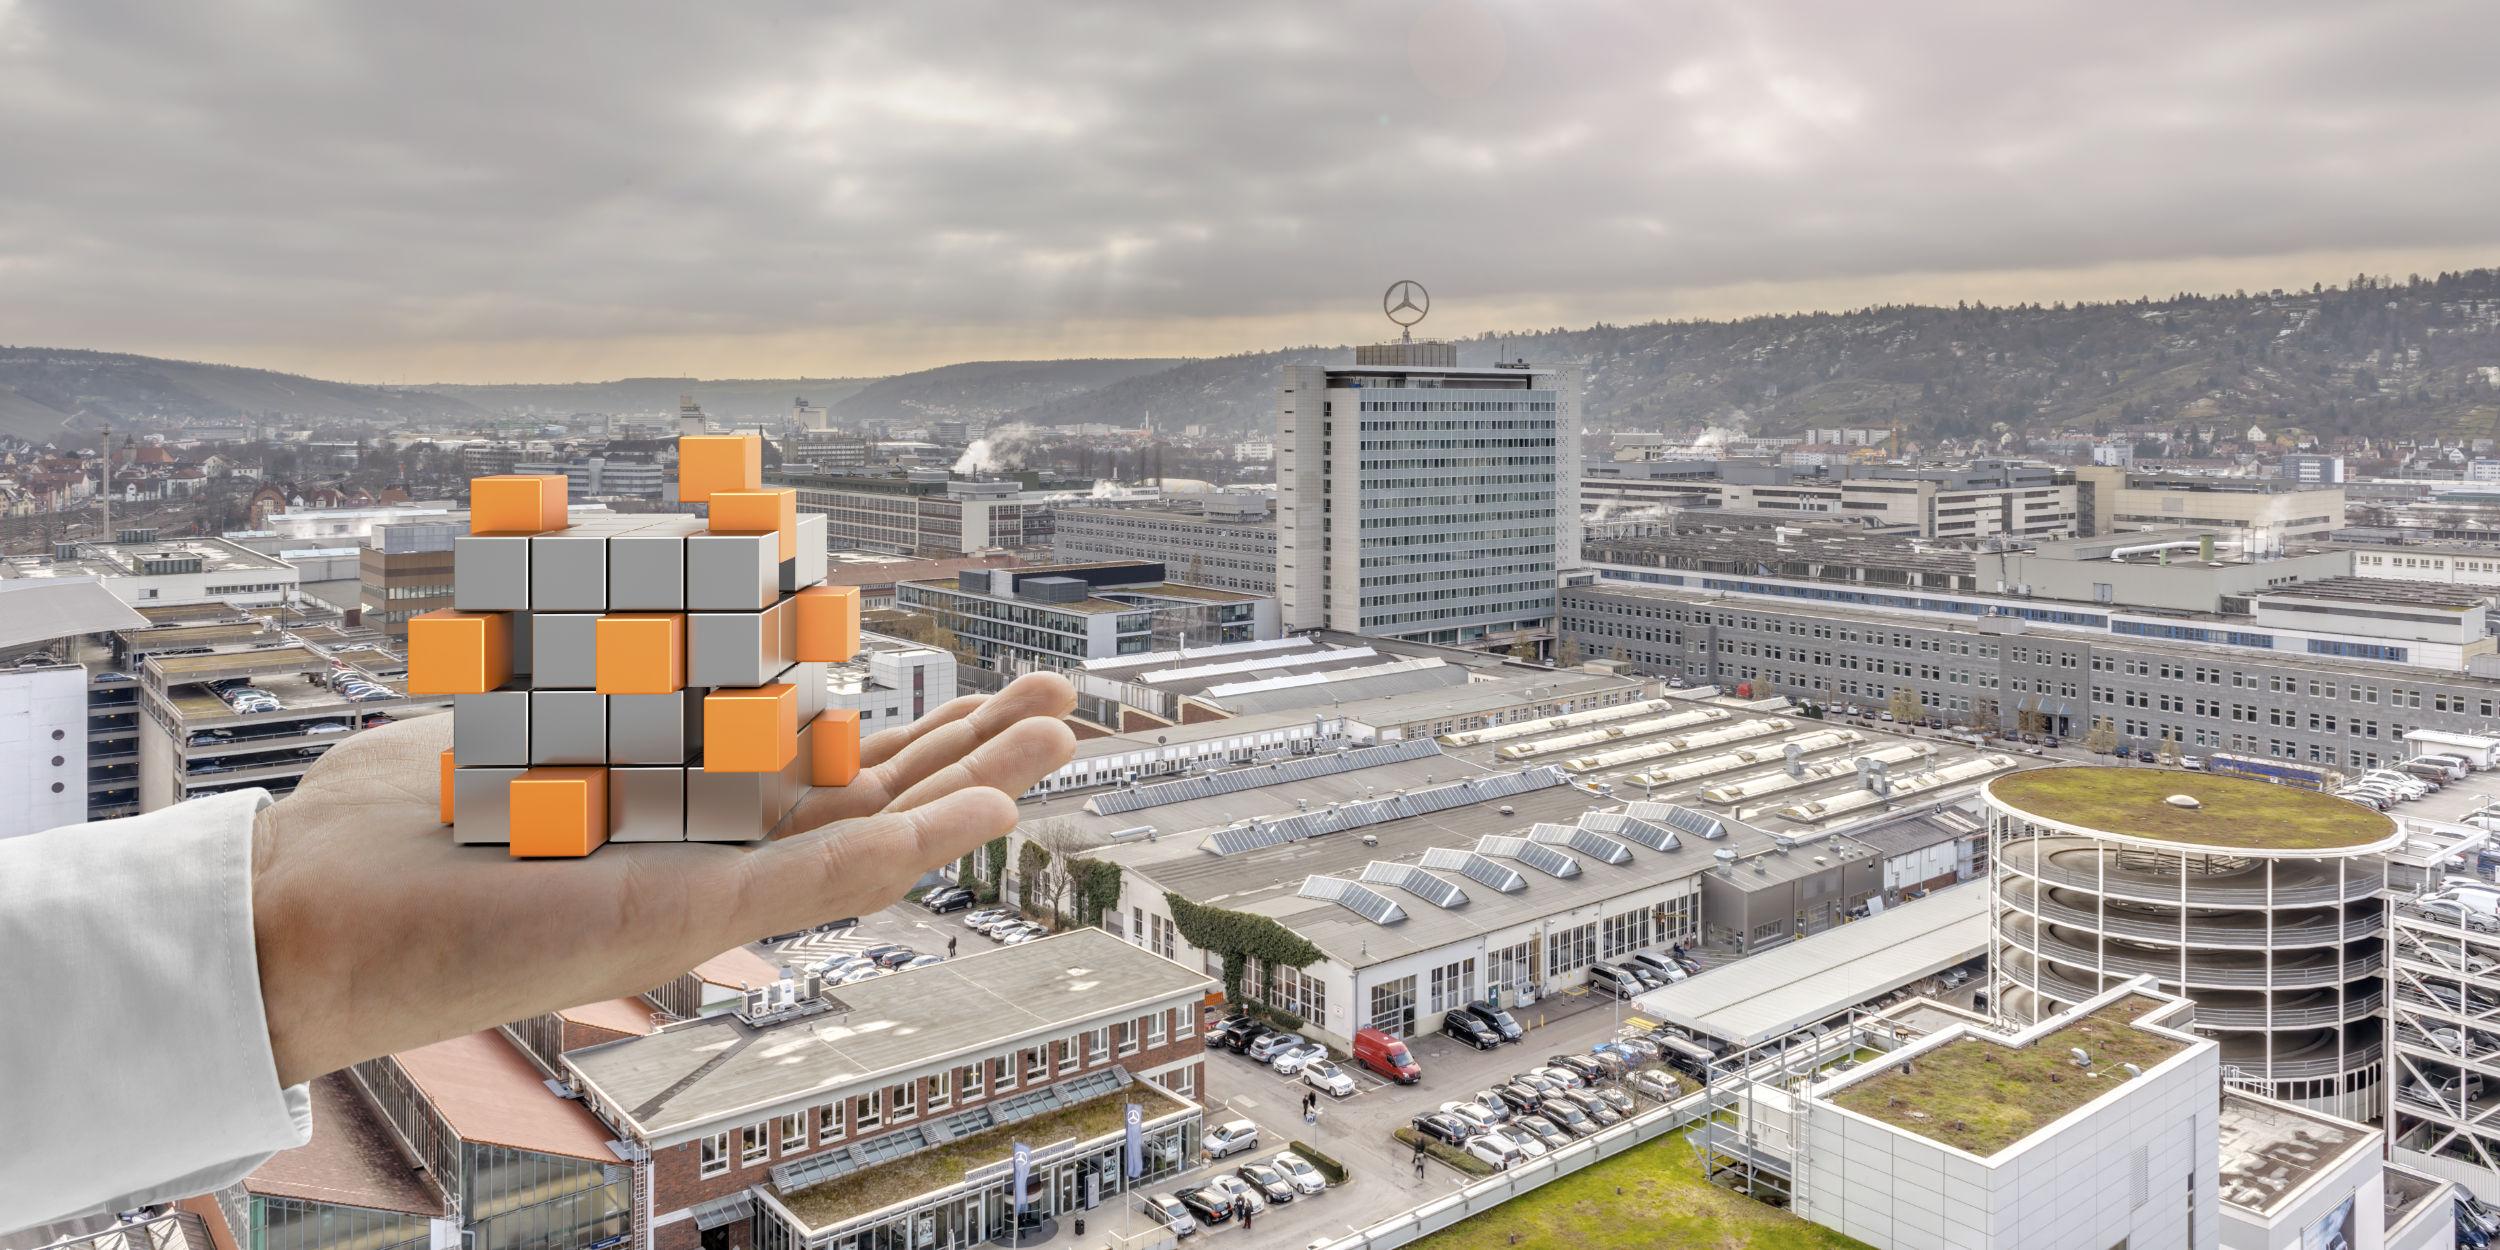 Kampagnen Fotografie Untertürkheim Stuttgart und Umgebung Daimler AG CGI Zauberwürfel gemischt mit realer Umgebung im Werk Untertürkheim